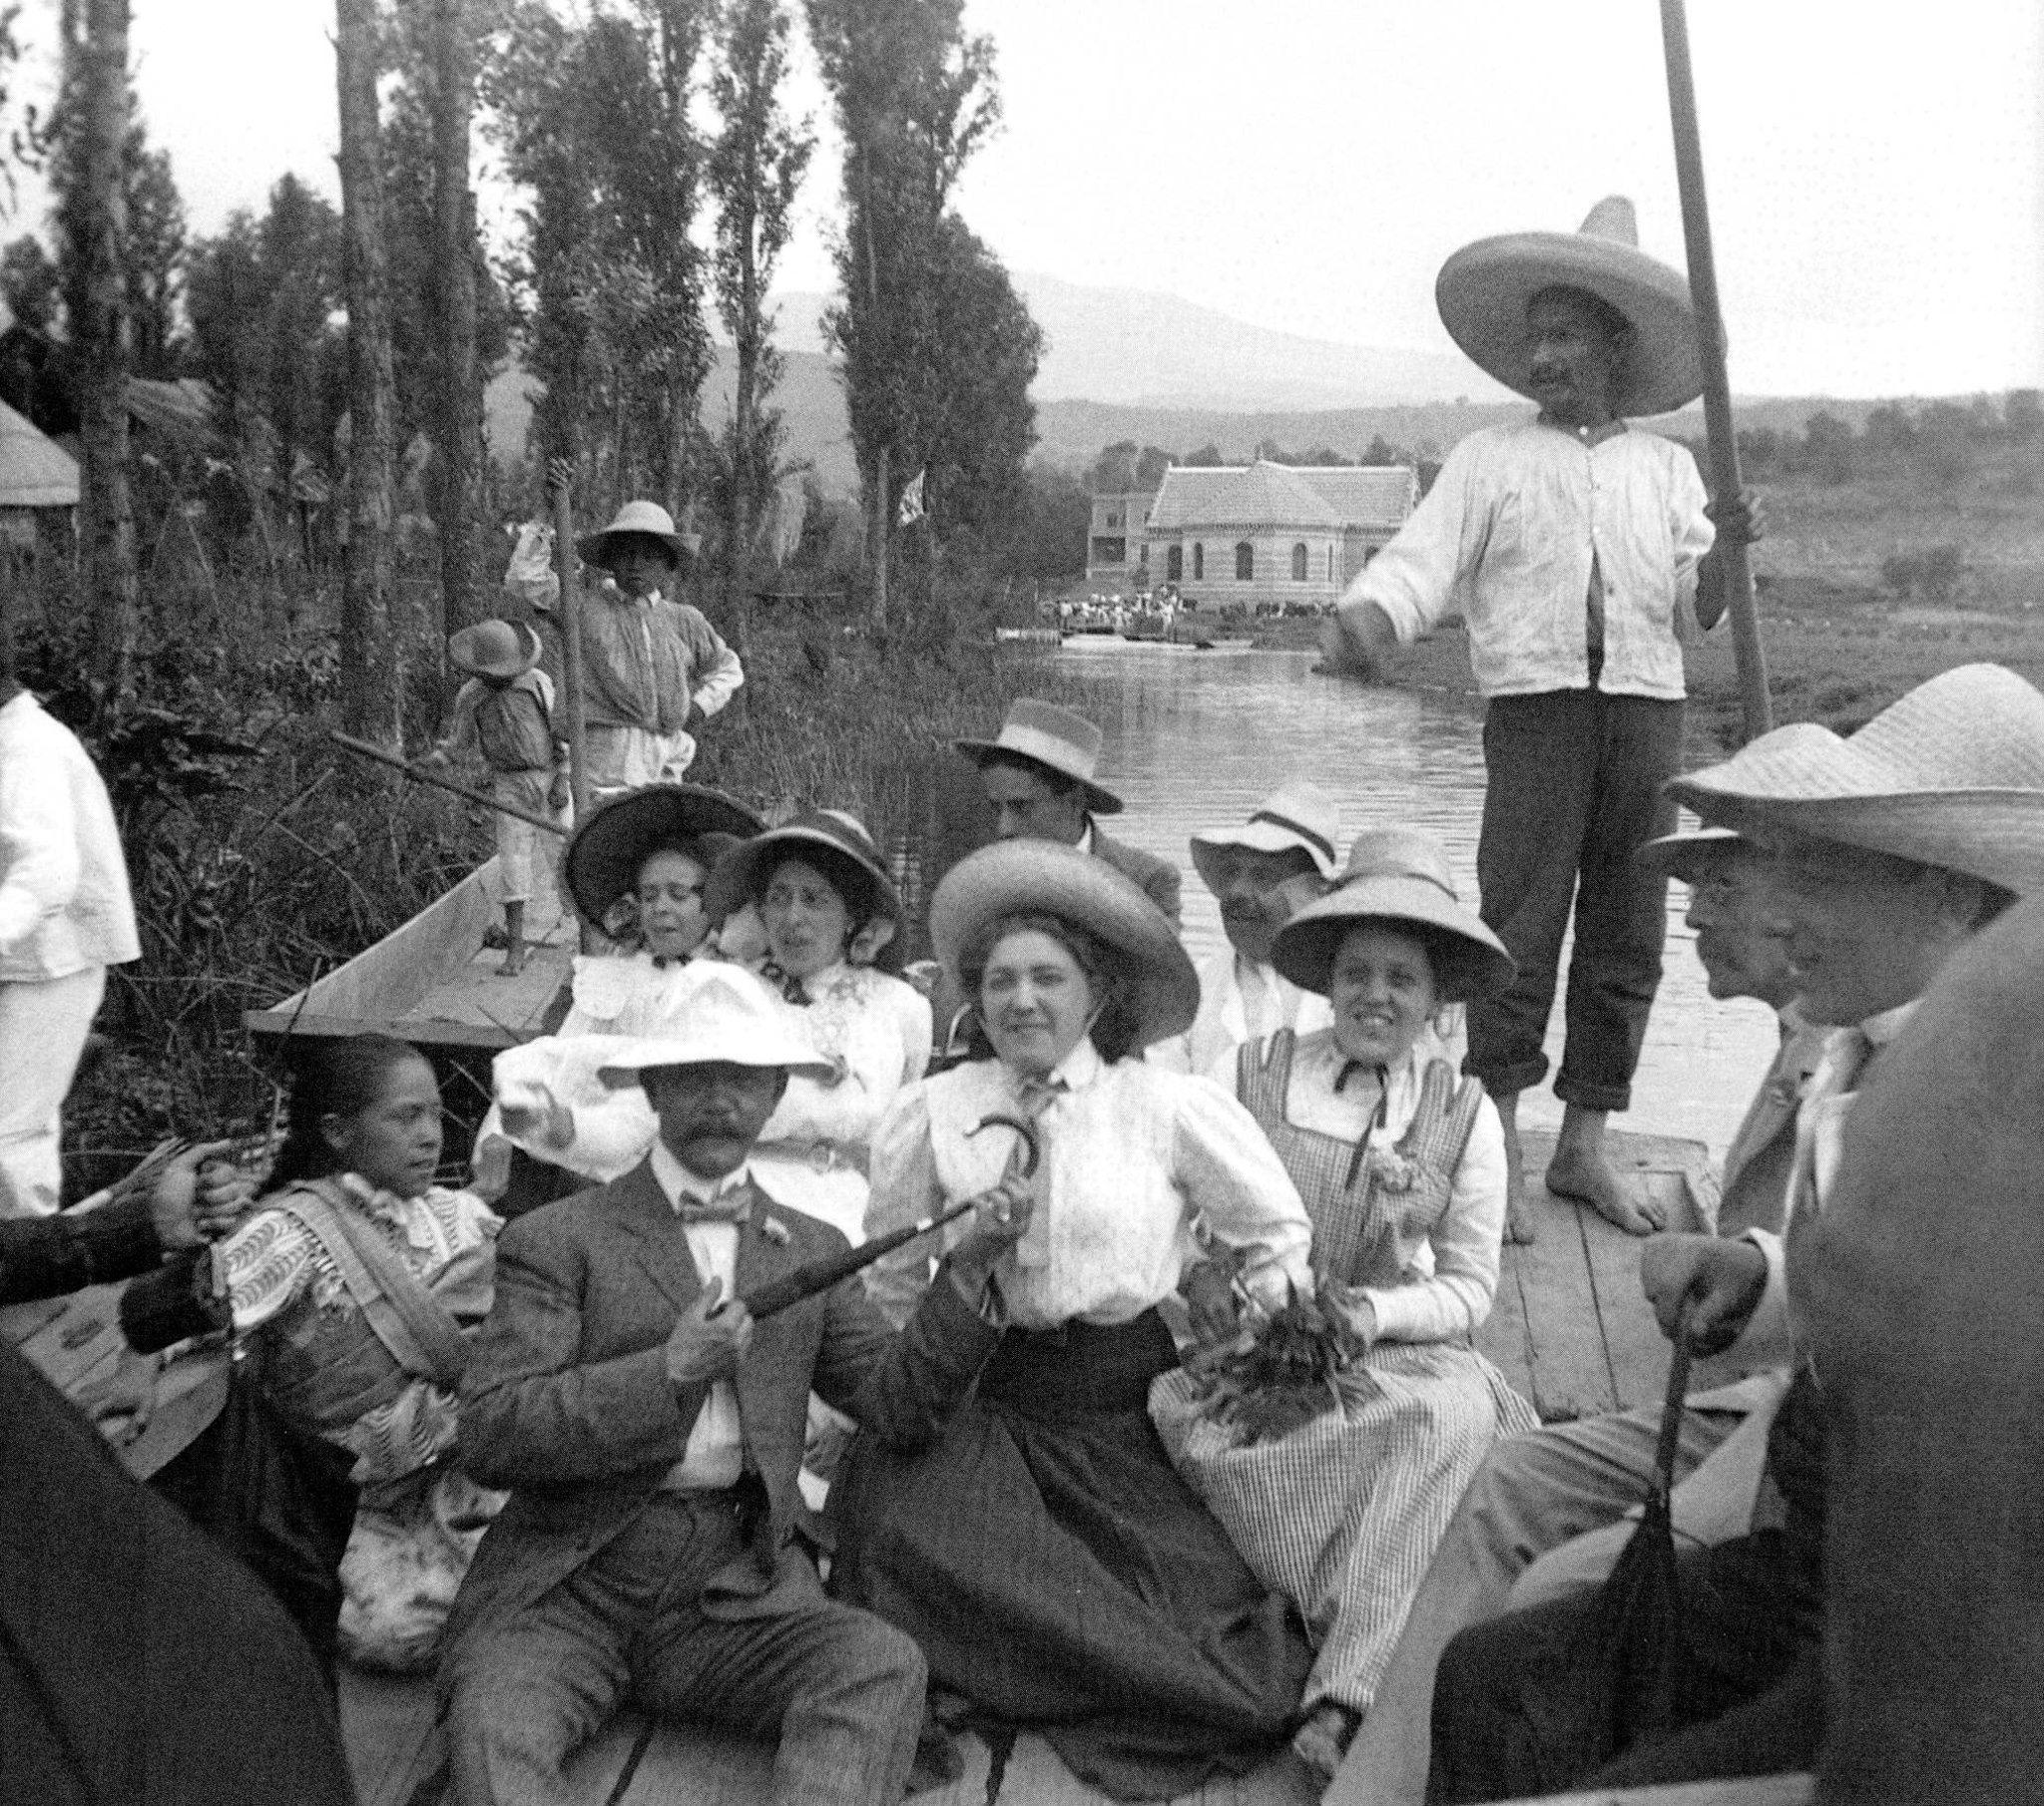 Un paseo en trajinera por los canales de Xochimilco en 1910. Al fondo se encuentra la casa de bombas de dicha localidad, que había sido construida poco antes como parte del sistema hidráulico porfiriano que llevó el agua desde esta zona hasta la Ciudad de México. El inmueble aún existe en la calle de Zacapa, cerca del embarcadero de Nativitas.